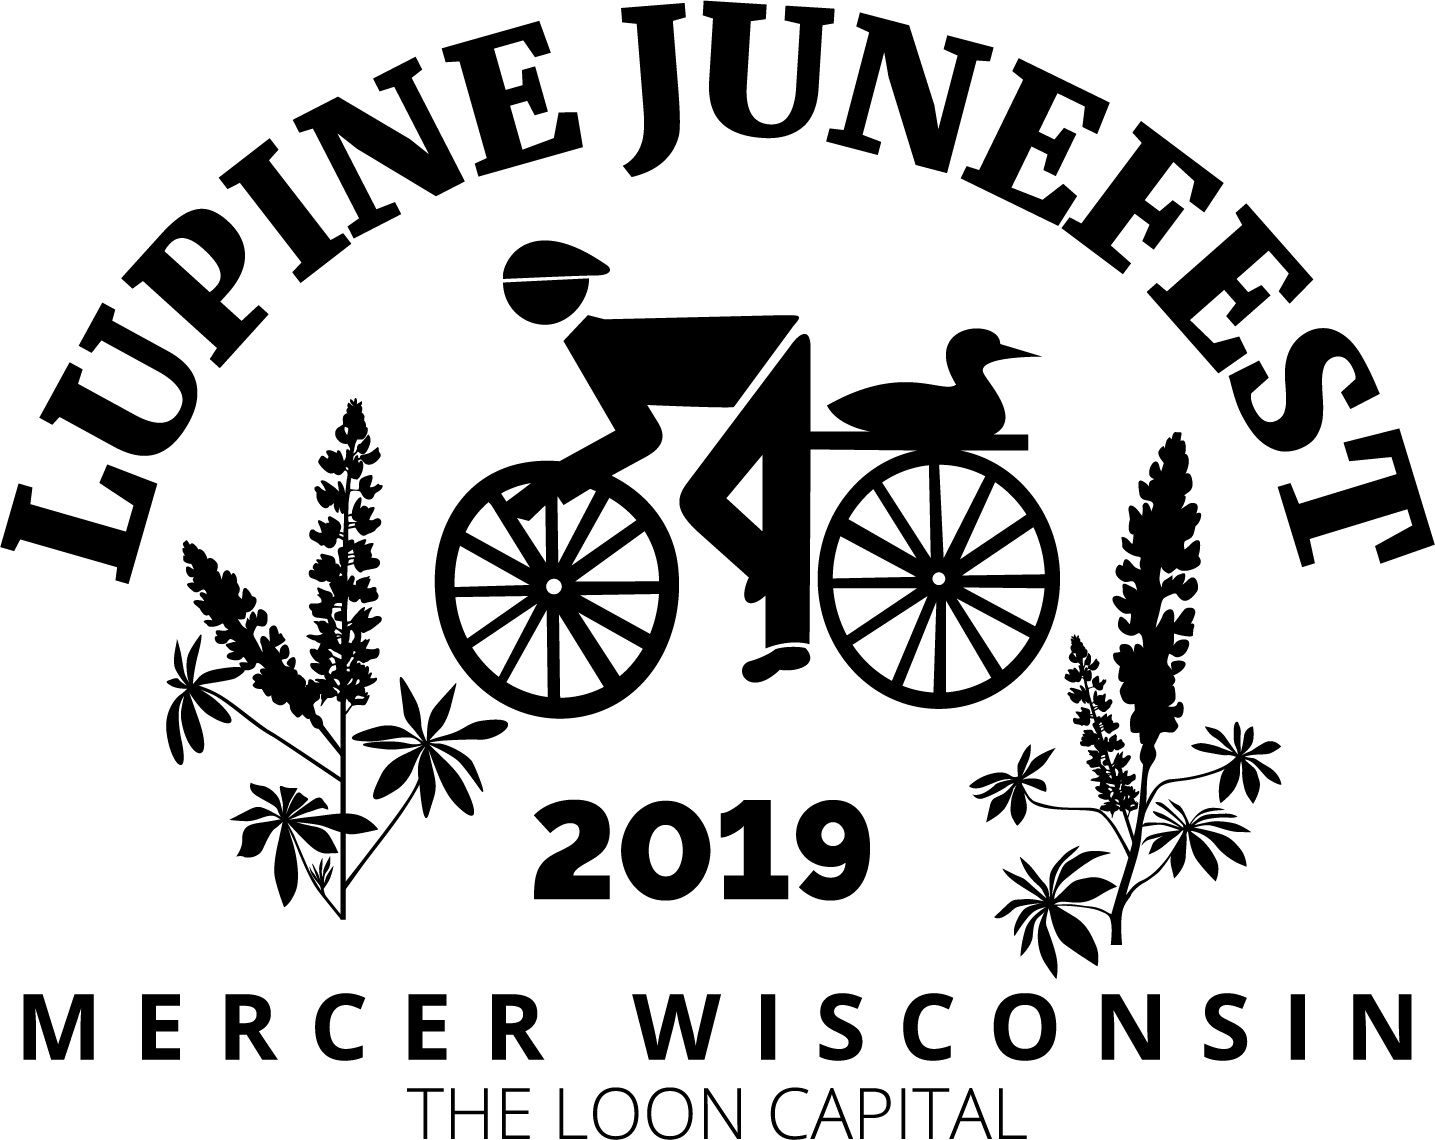 F7f6122a-d6c0-49b3-b204-b872afa2c1fe